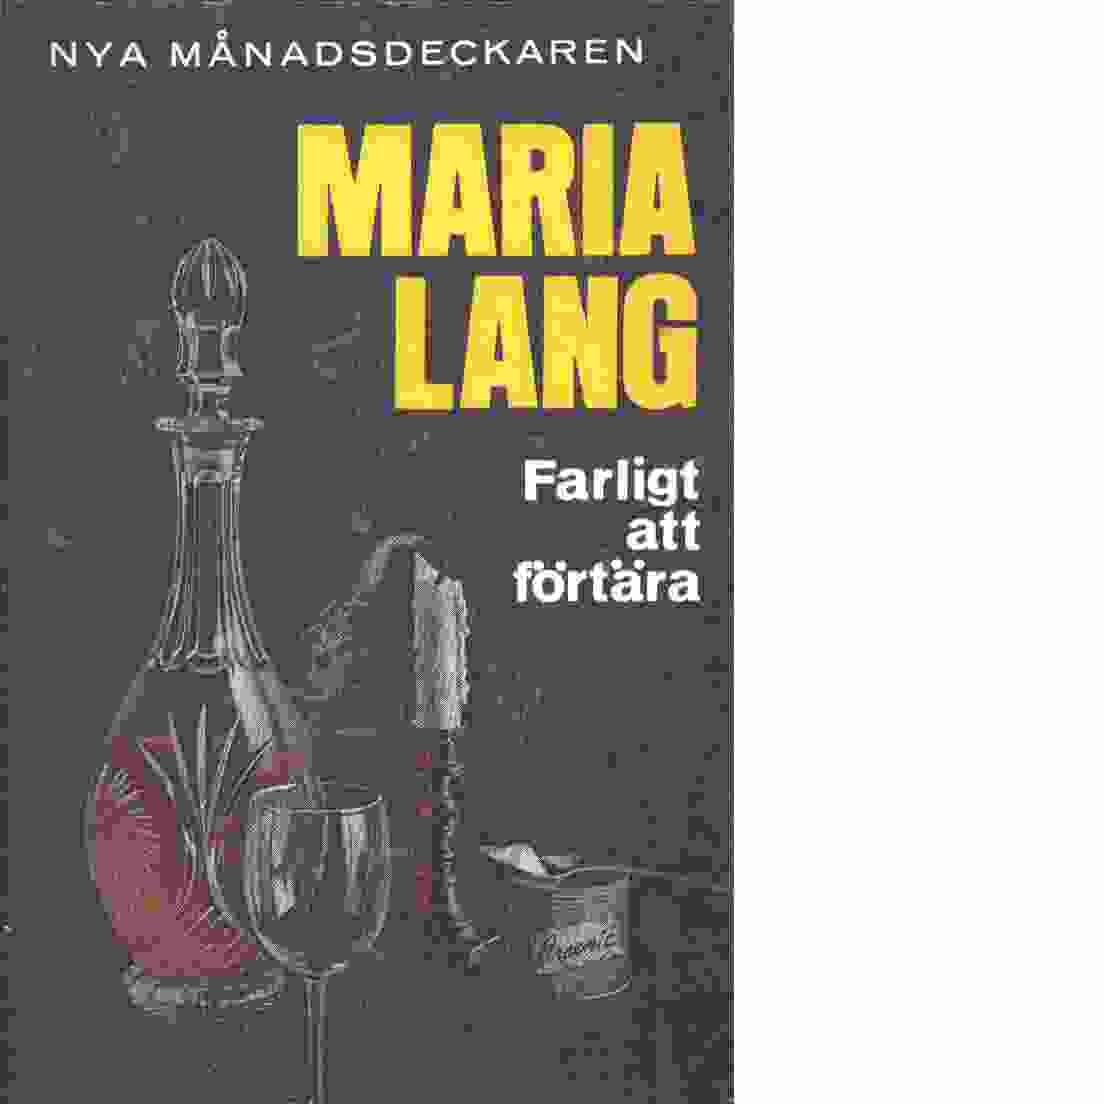 Farligt att förtära - Lang, Maria